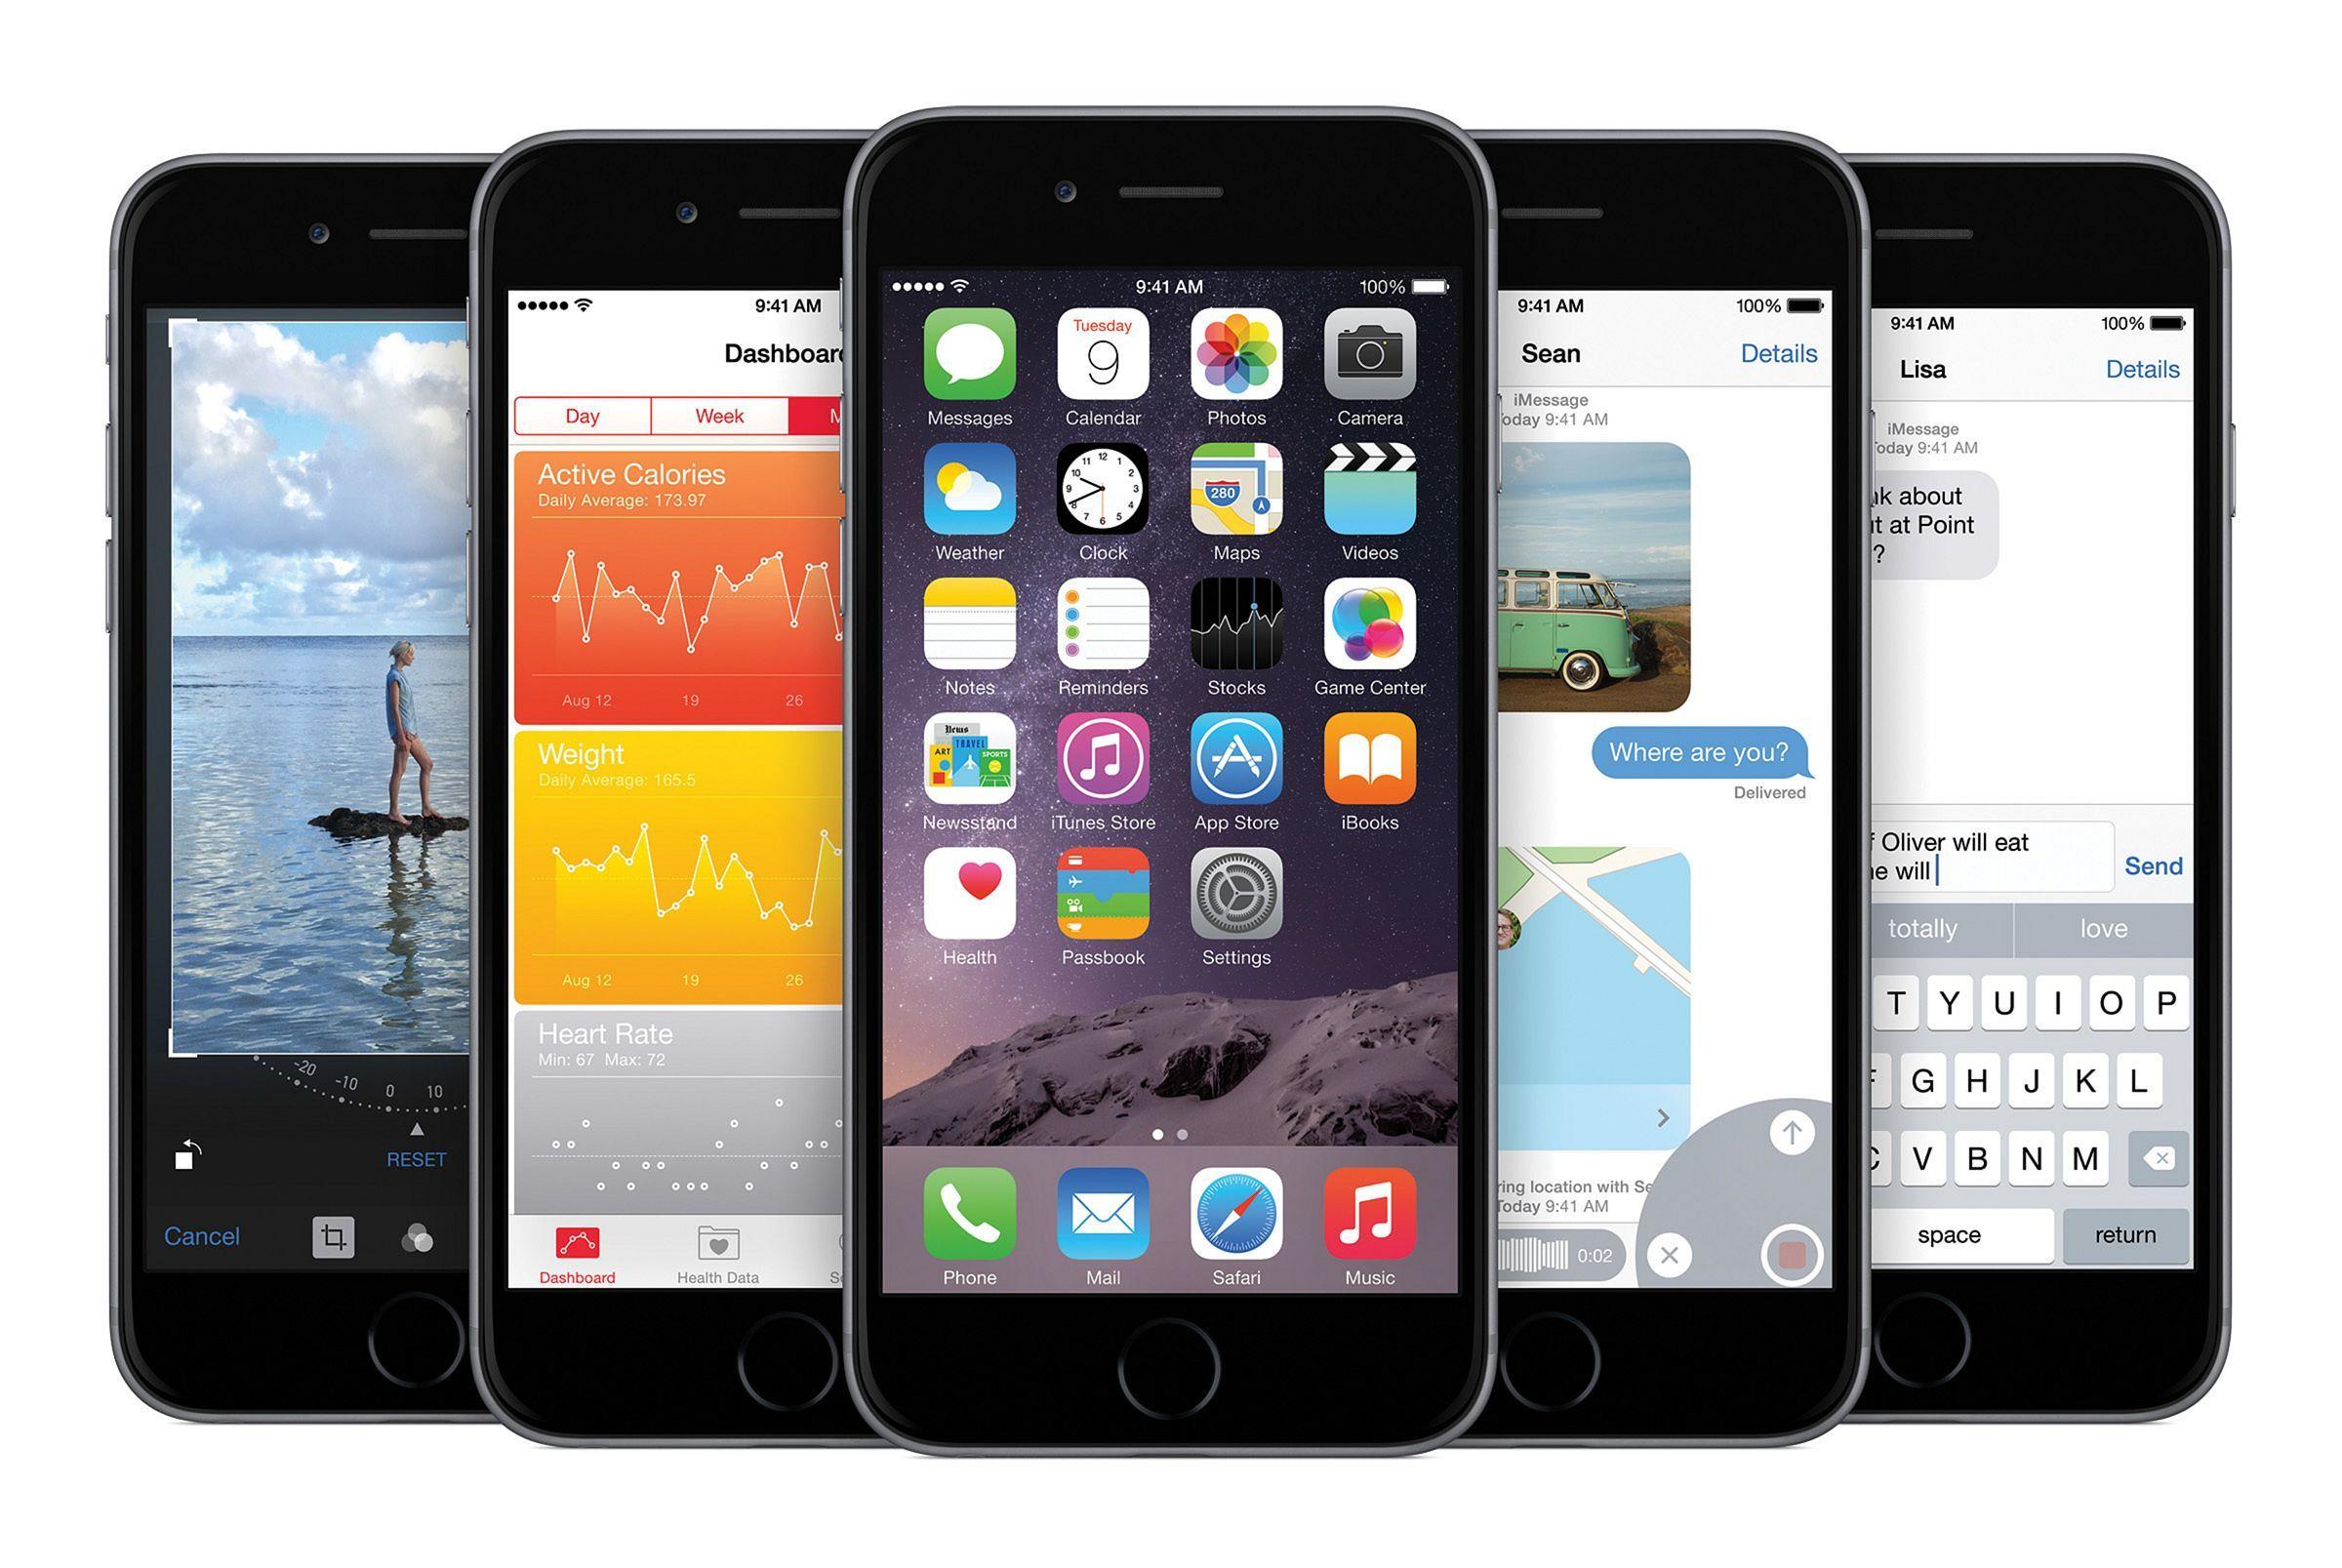 Cara Merubah Tampilan Smartphone Android Layaknya Iphone Ios 11 Tip Trik Panduan Android Indonesia Apple Iphone 6 Aplikasi Iphone Iphone